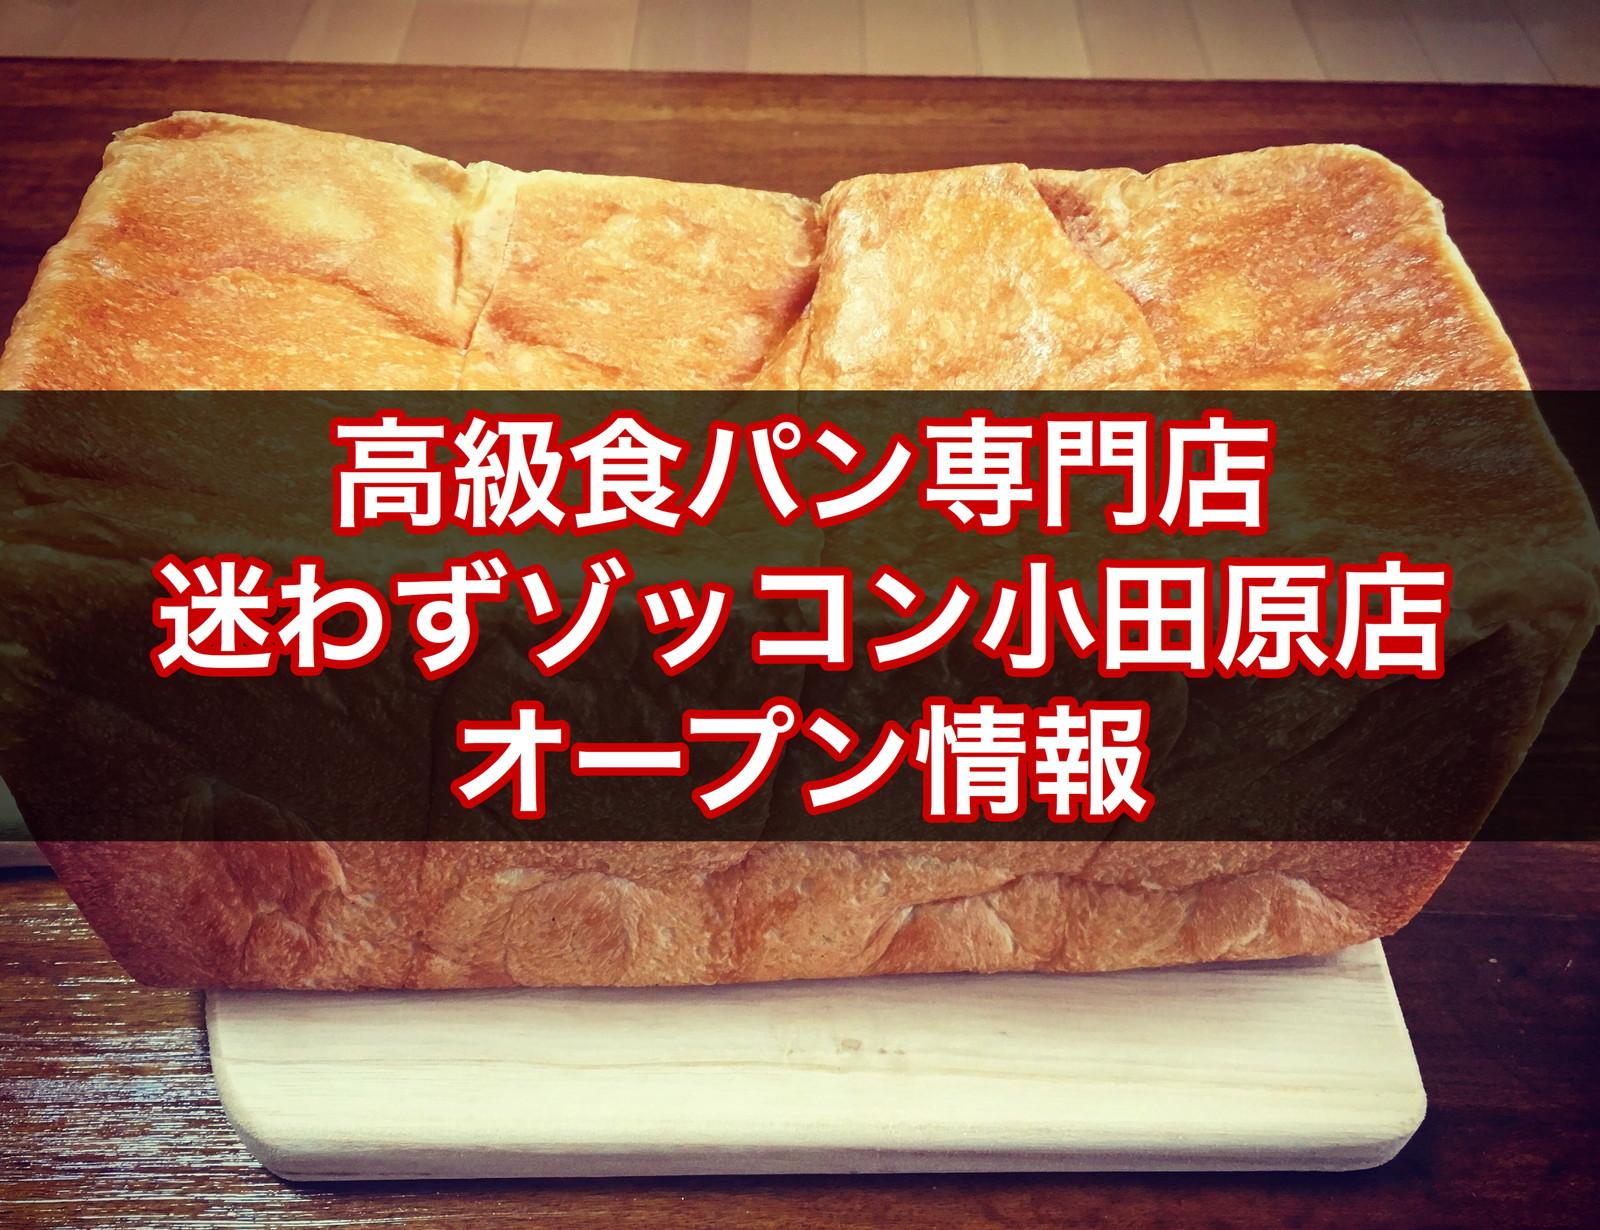 迷わ ず ぞっこん 食パン 中山 高級食パン専門店 迷わずゾッコン 横浜中山店 -